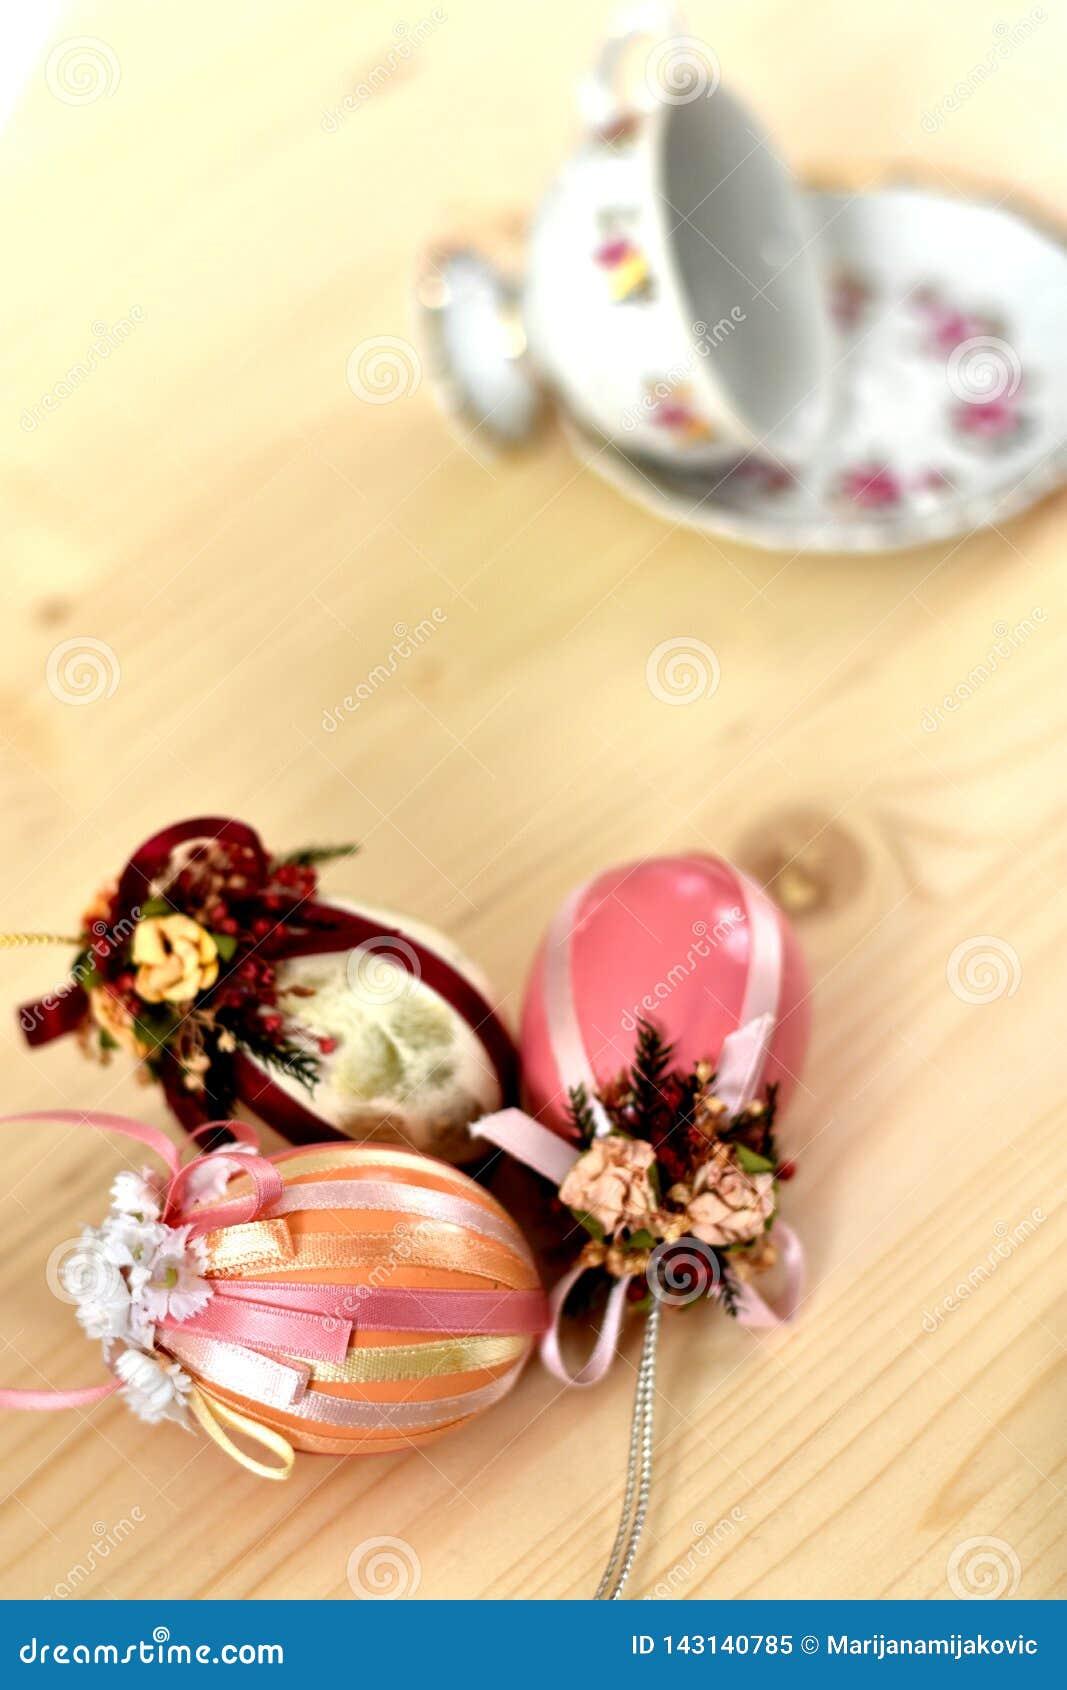 葡萄酒用丝带装饰的三个发光的桃红色色的复活节彩蛋的复活节装饰和葡萄酒茶杯